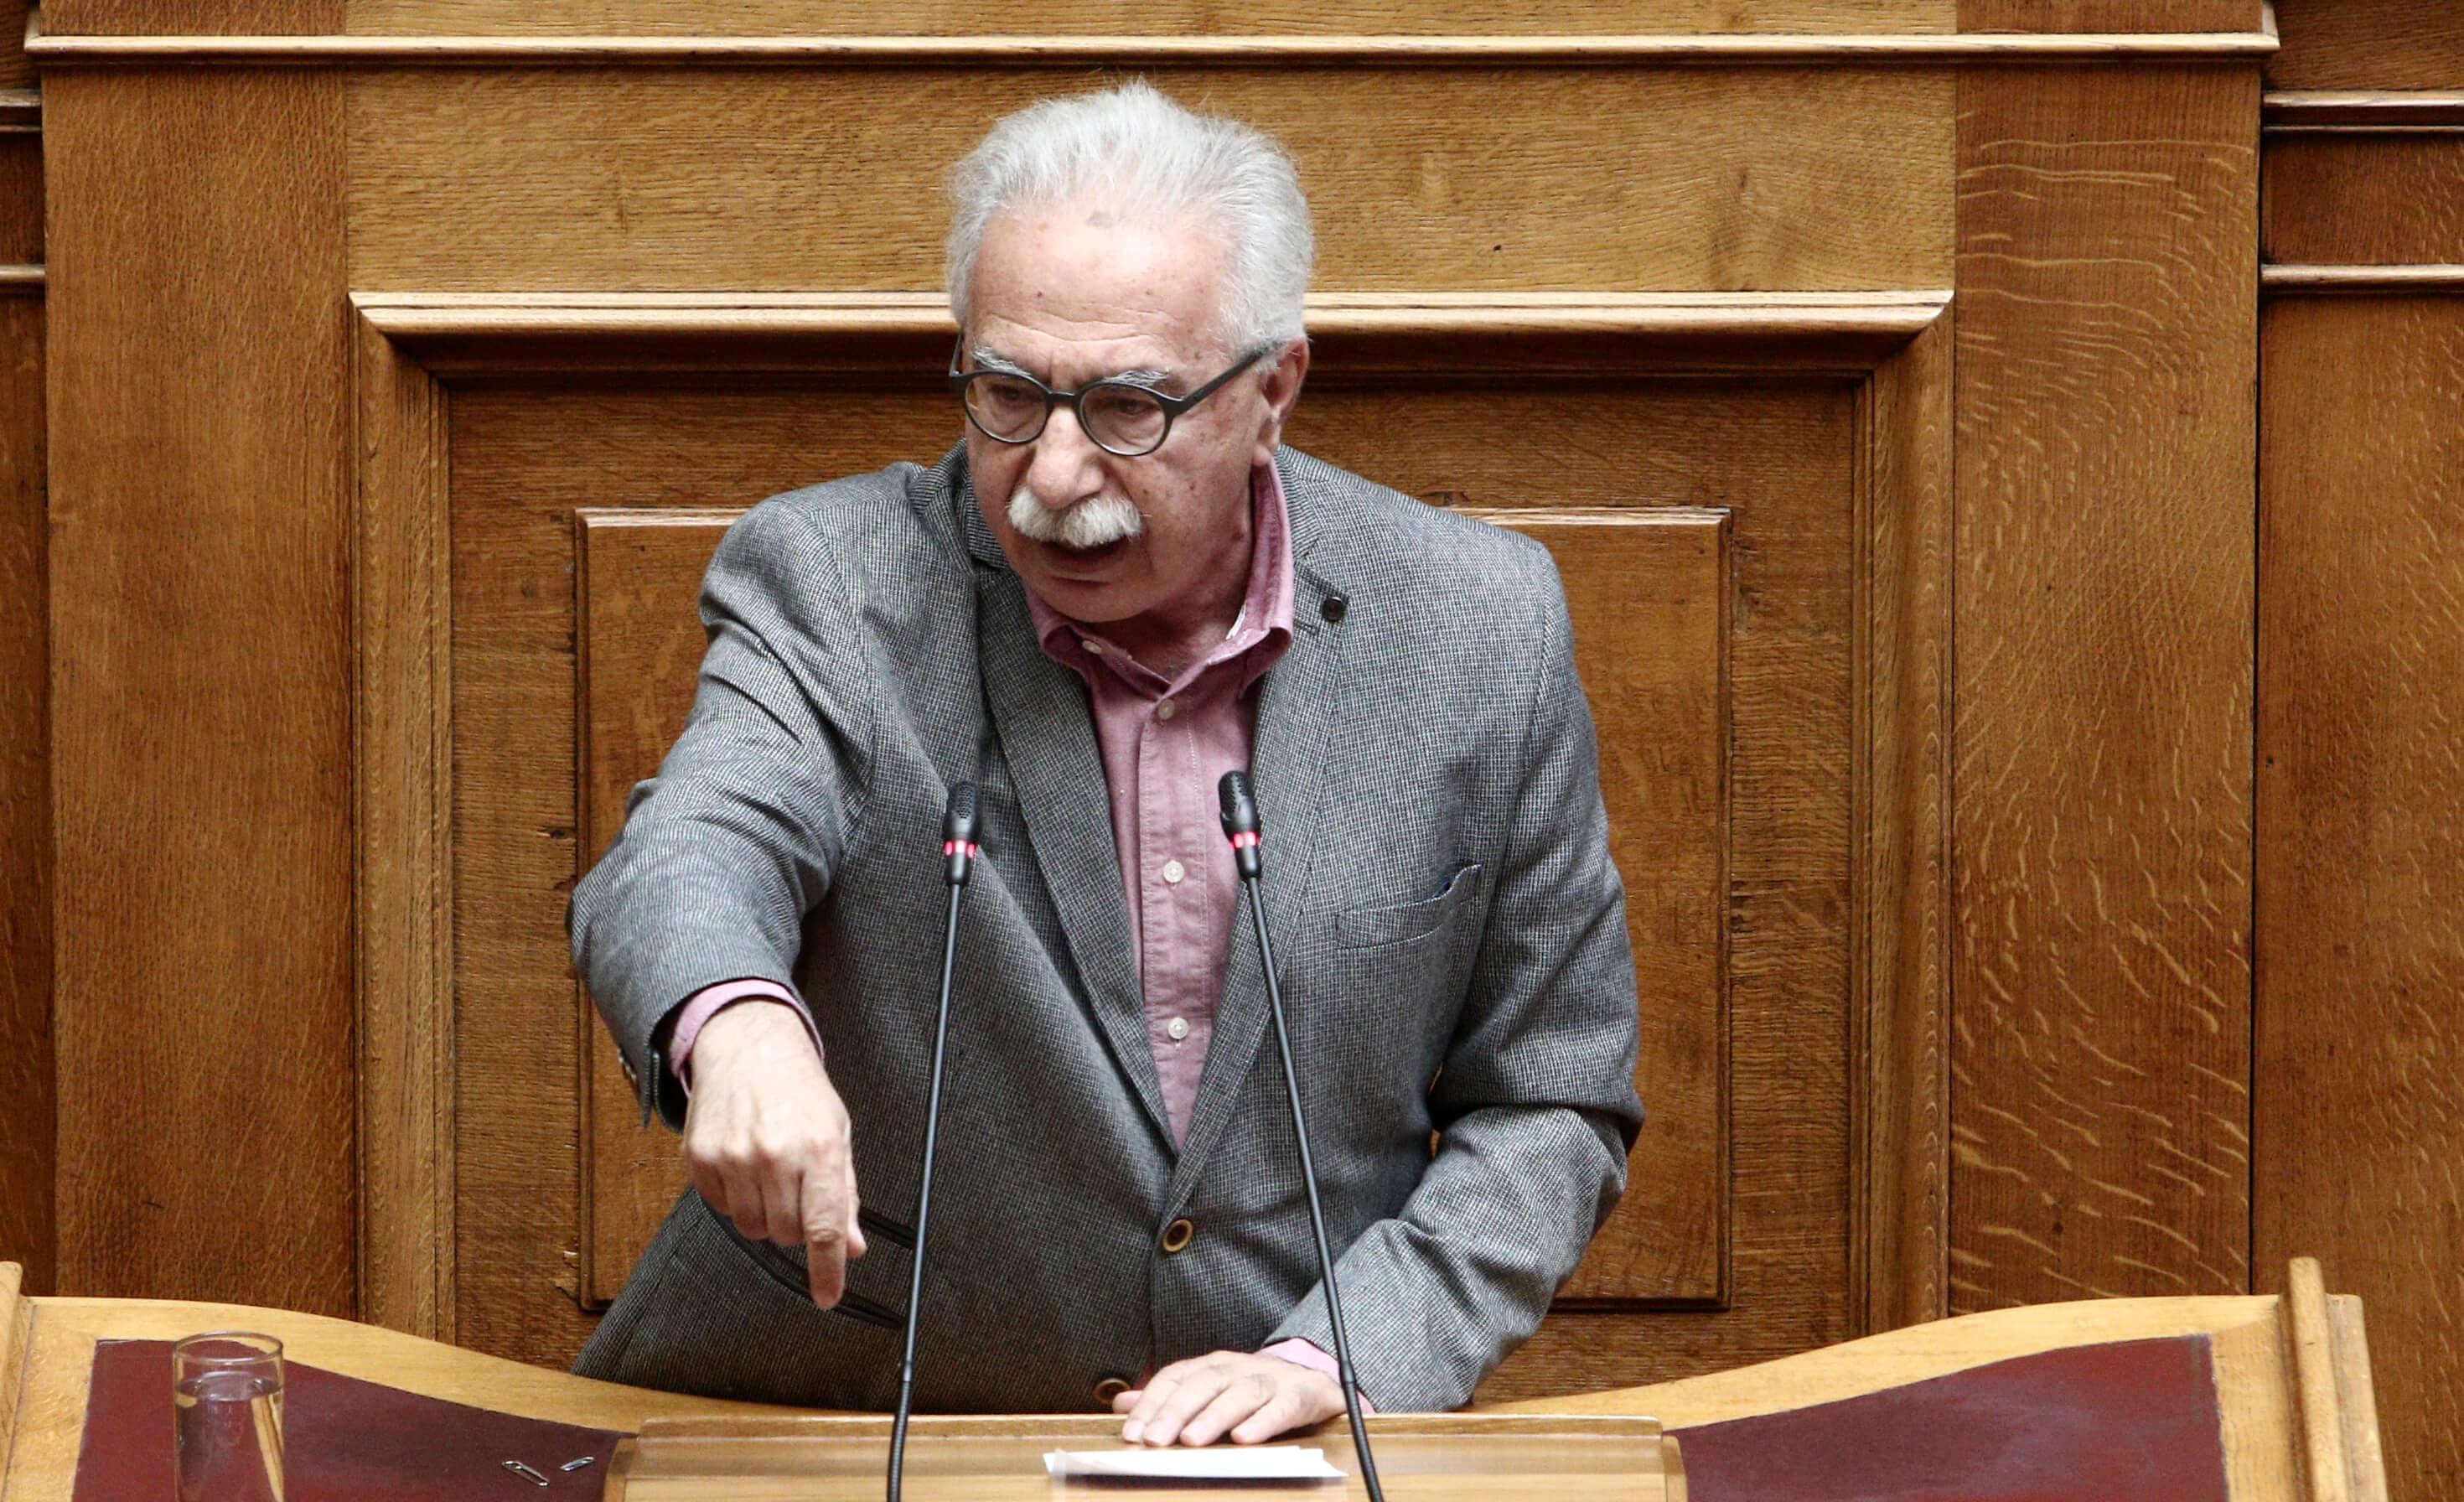 Γαβρόγλου: Η ΝΔ υιοθετεί υβριστική ρητορική για να κρύψει τις θέσεις της